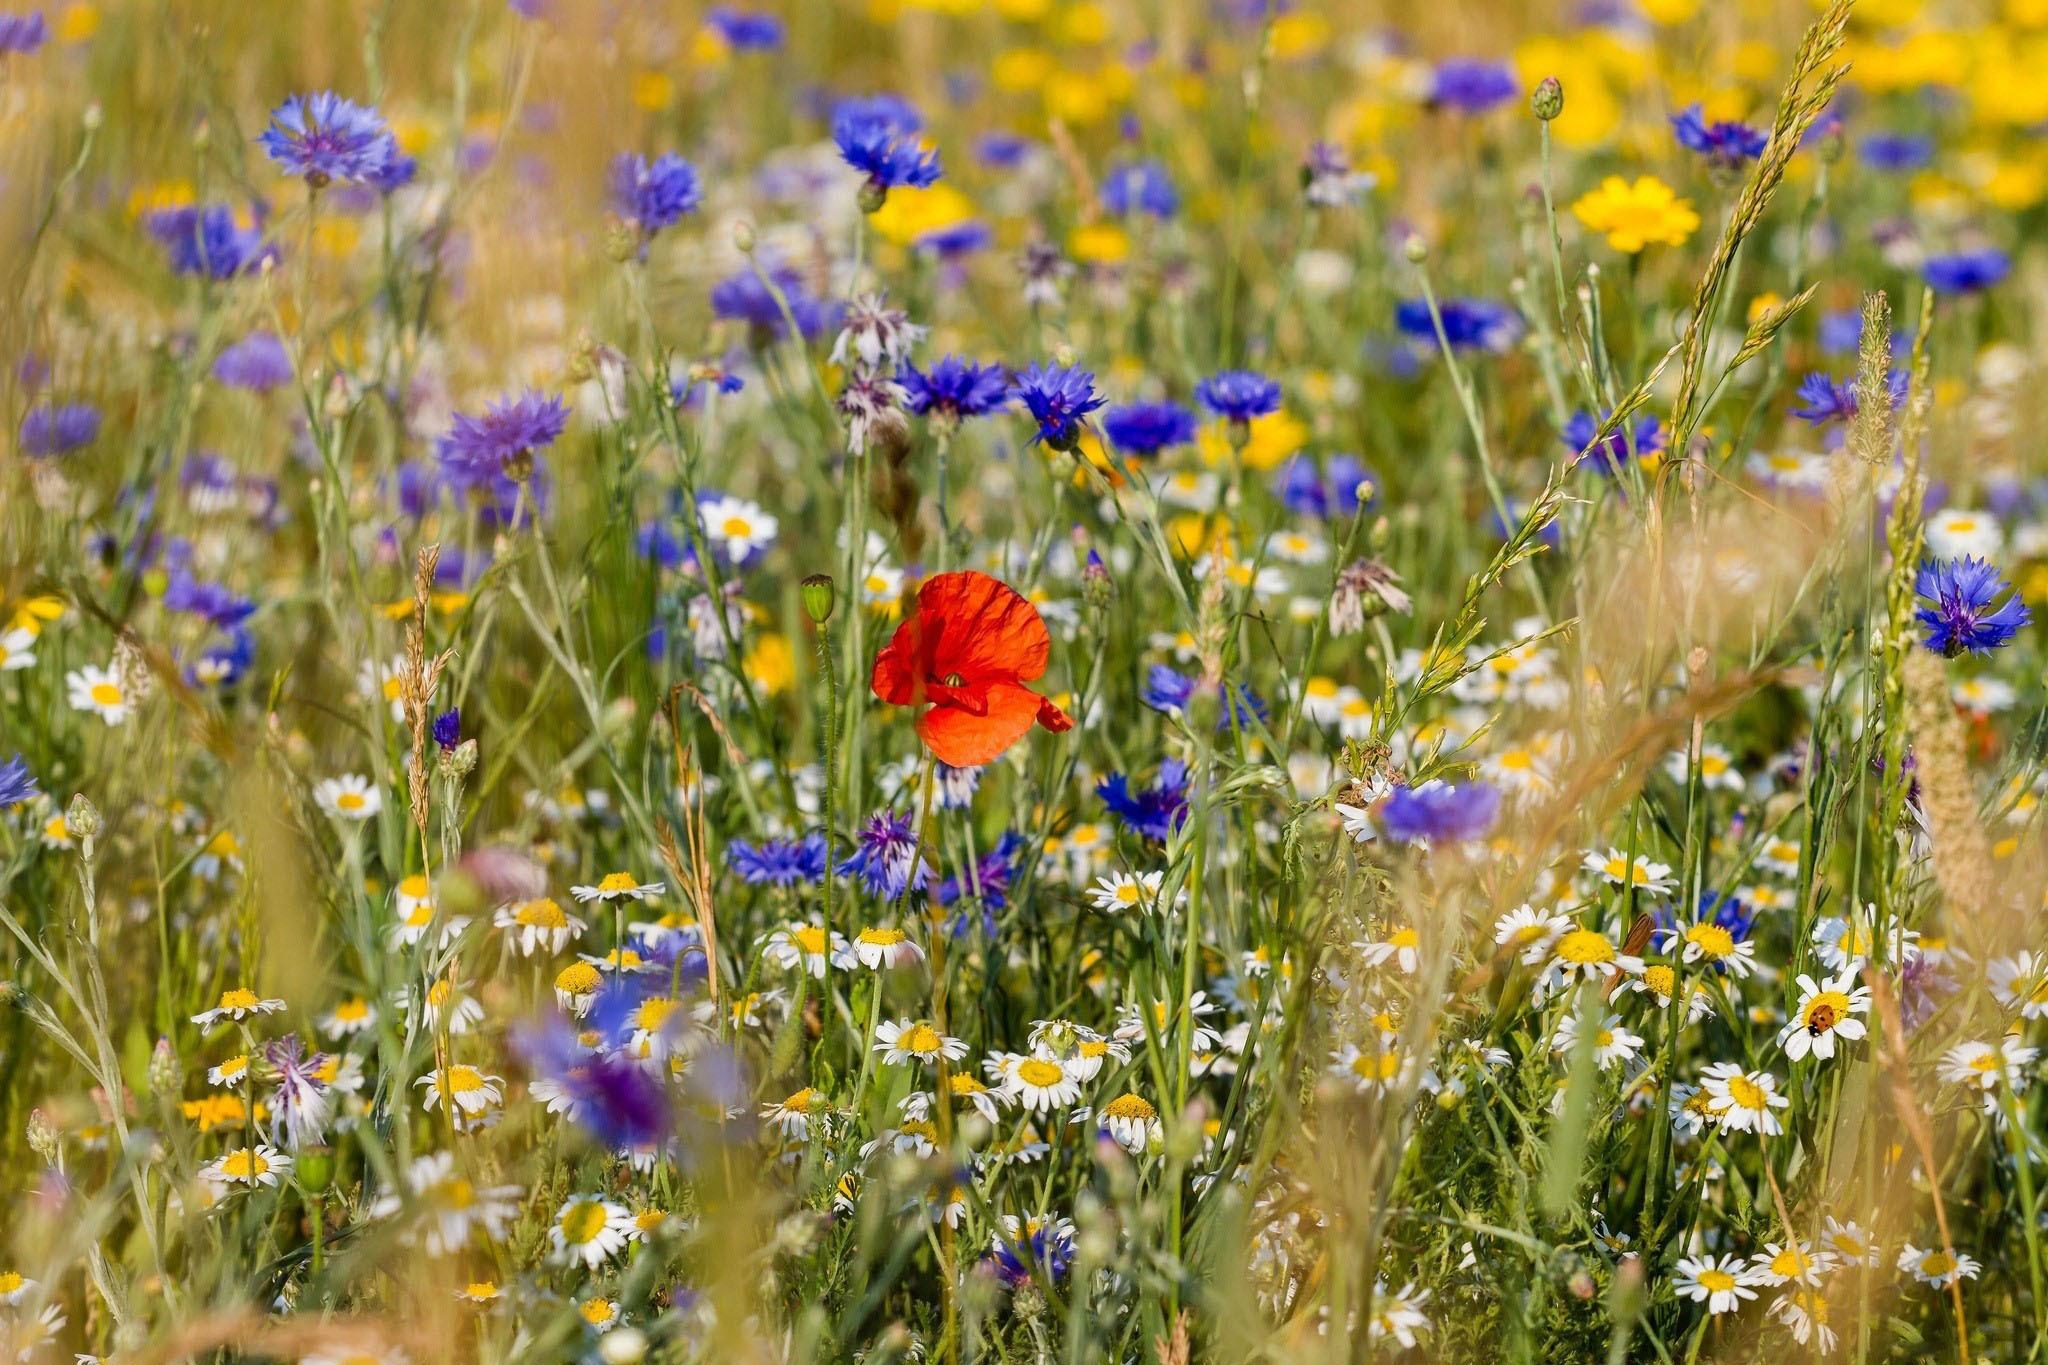 Полевые цветы полевые васильки и ромашки в лугах, мини